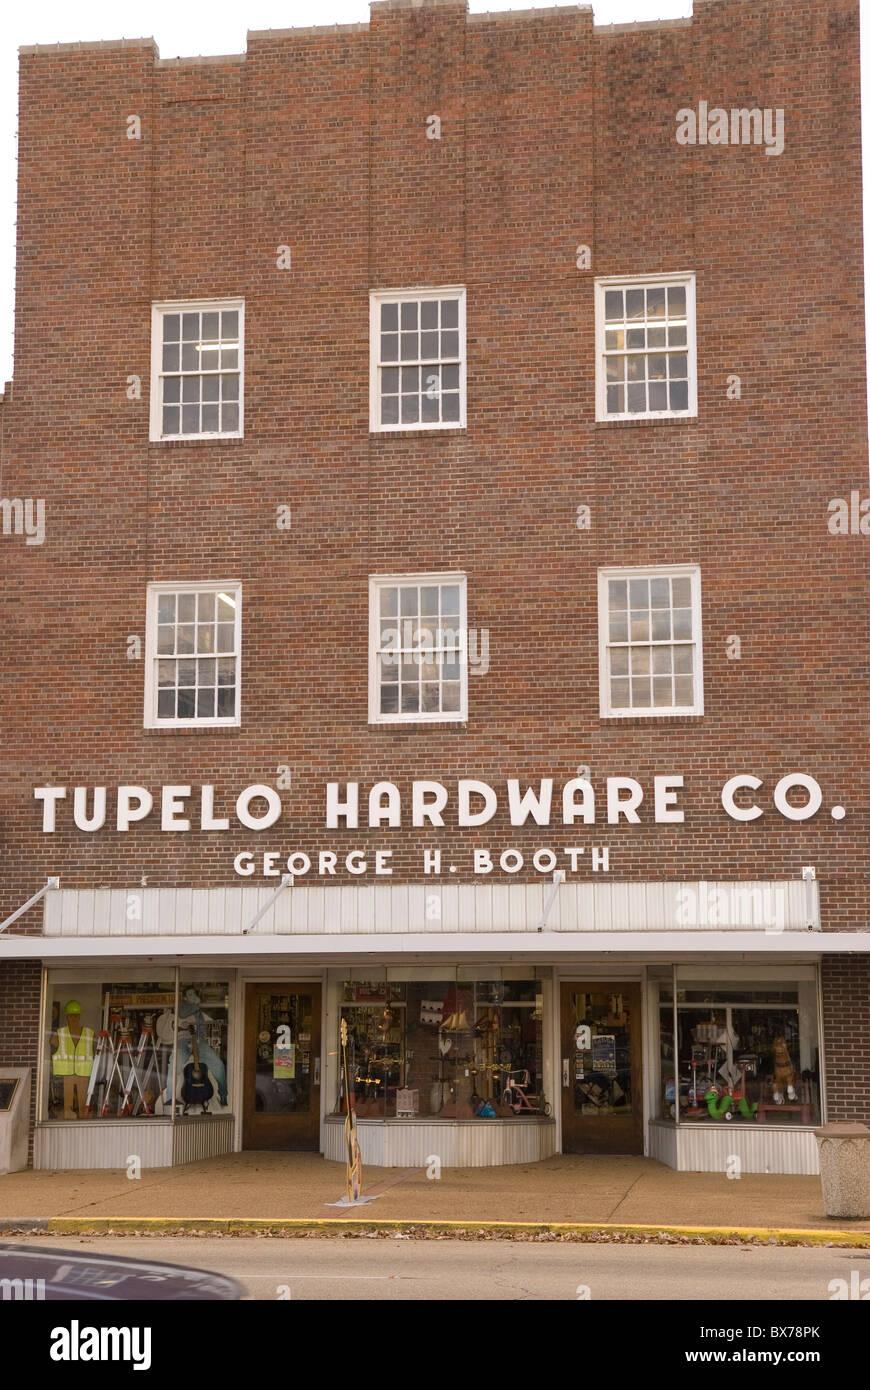 Tupelo Hardware Company Mississippi USA - Stock Image